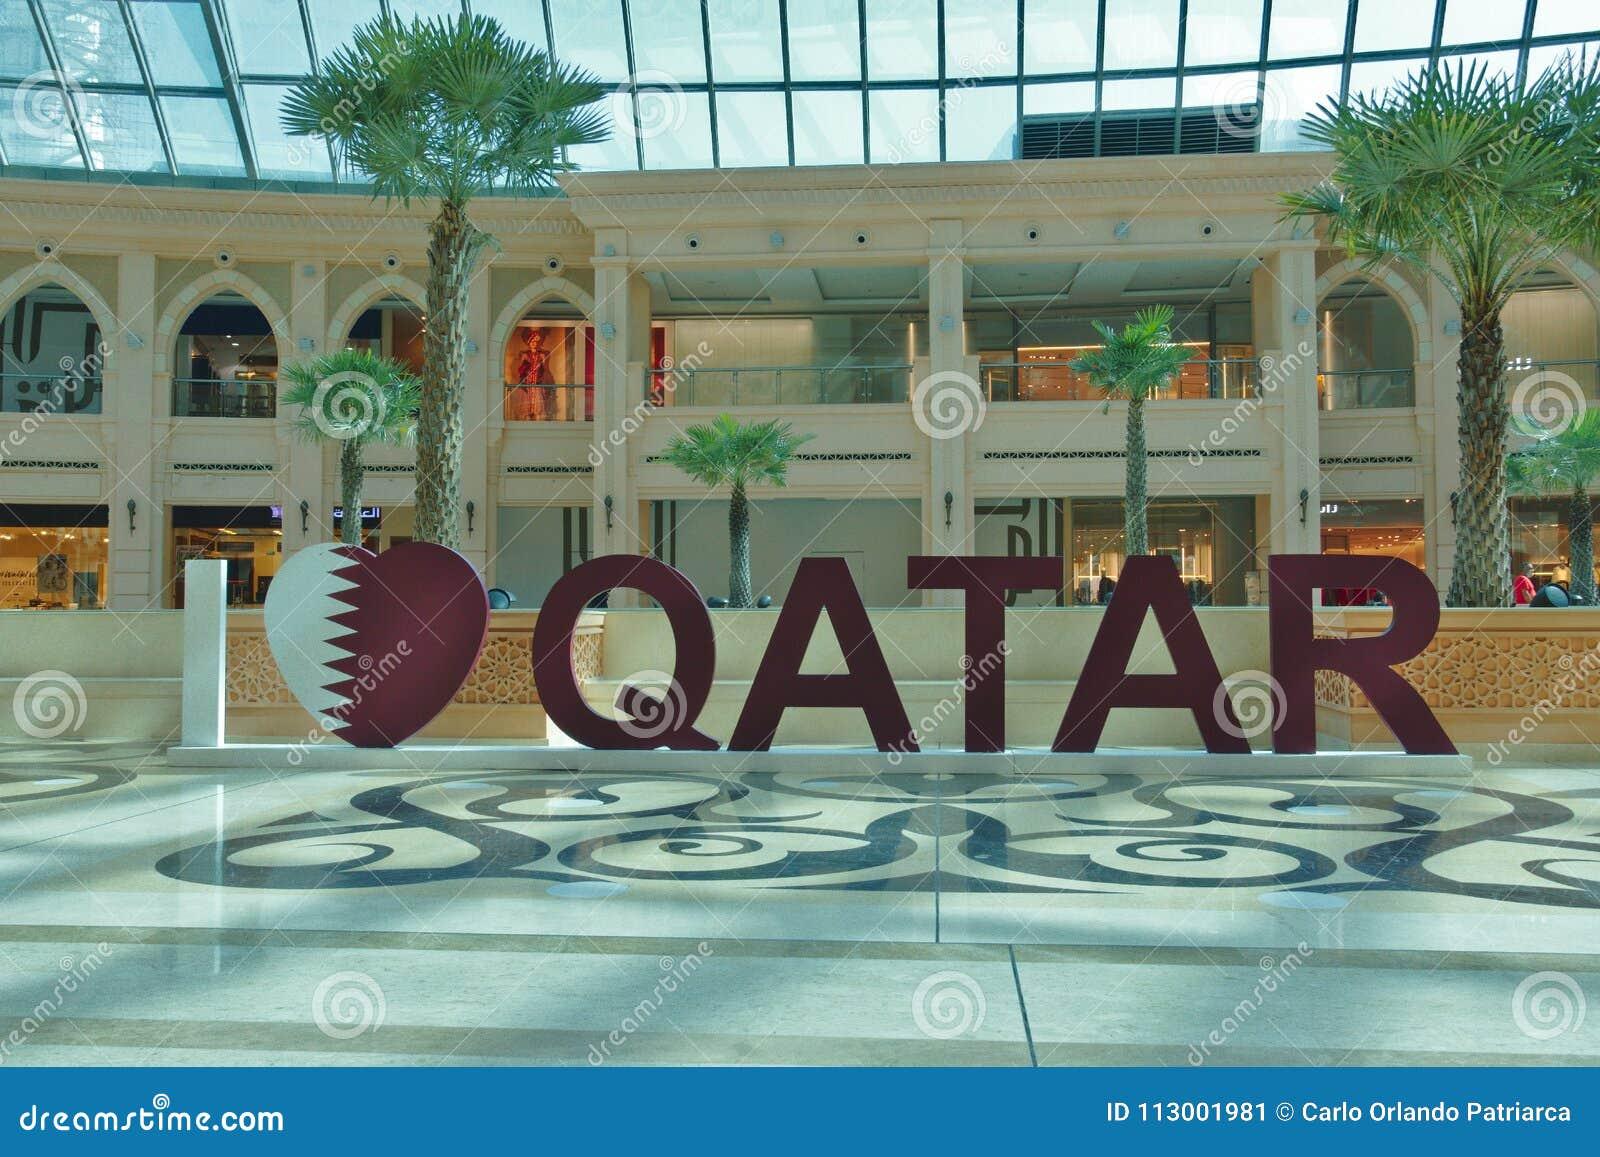 Tredimensionell handstil` älskar jag Qatar ` i en av de många köpcentren i Doha, Qatar